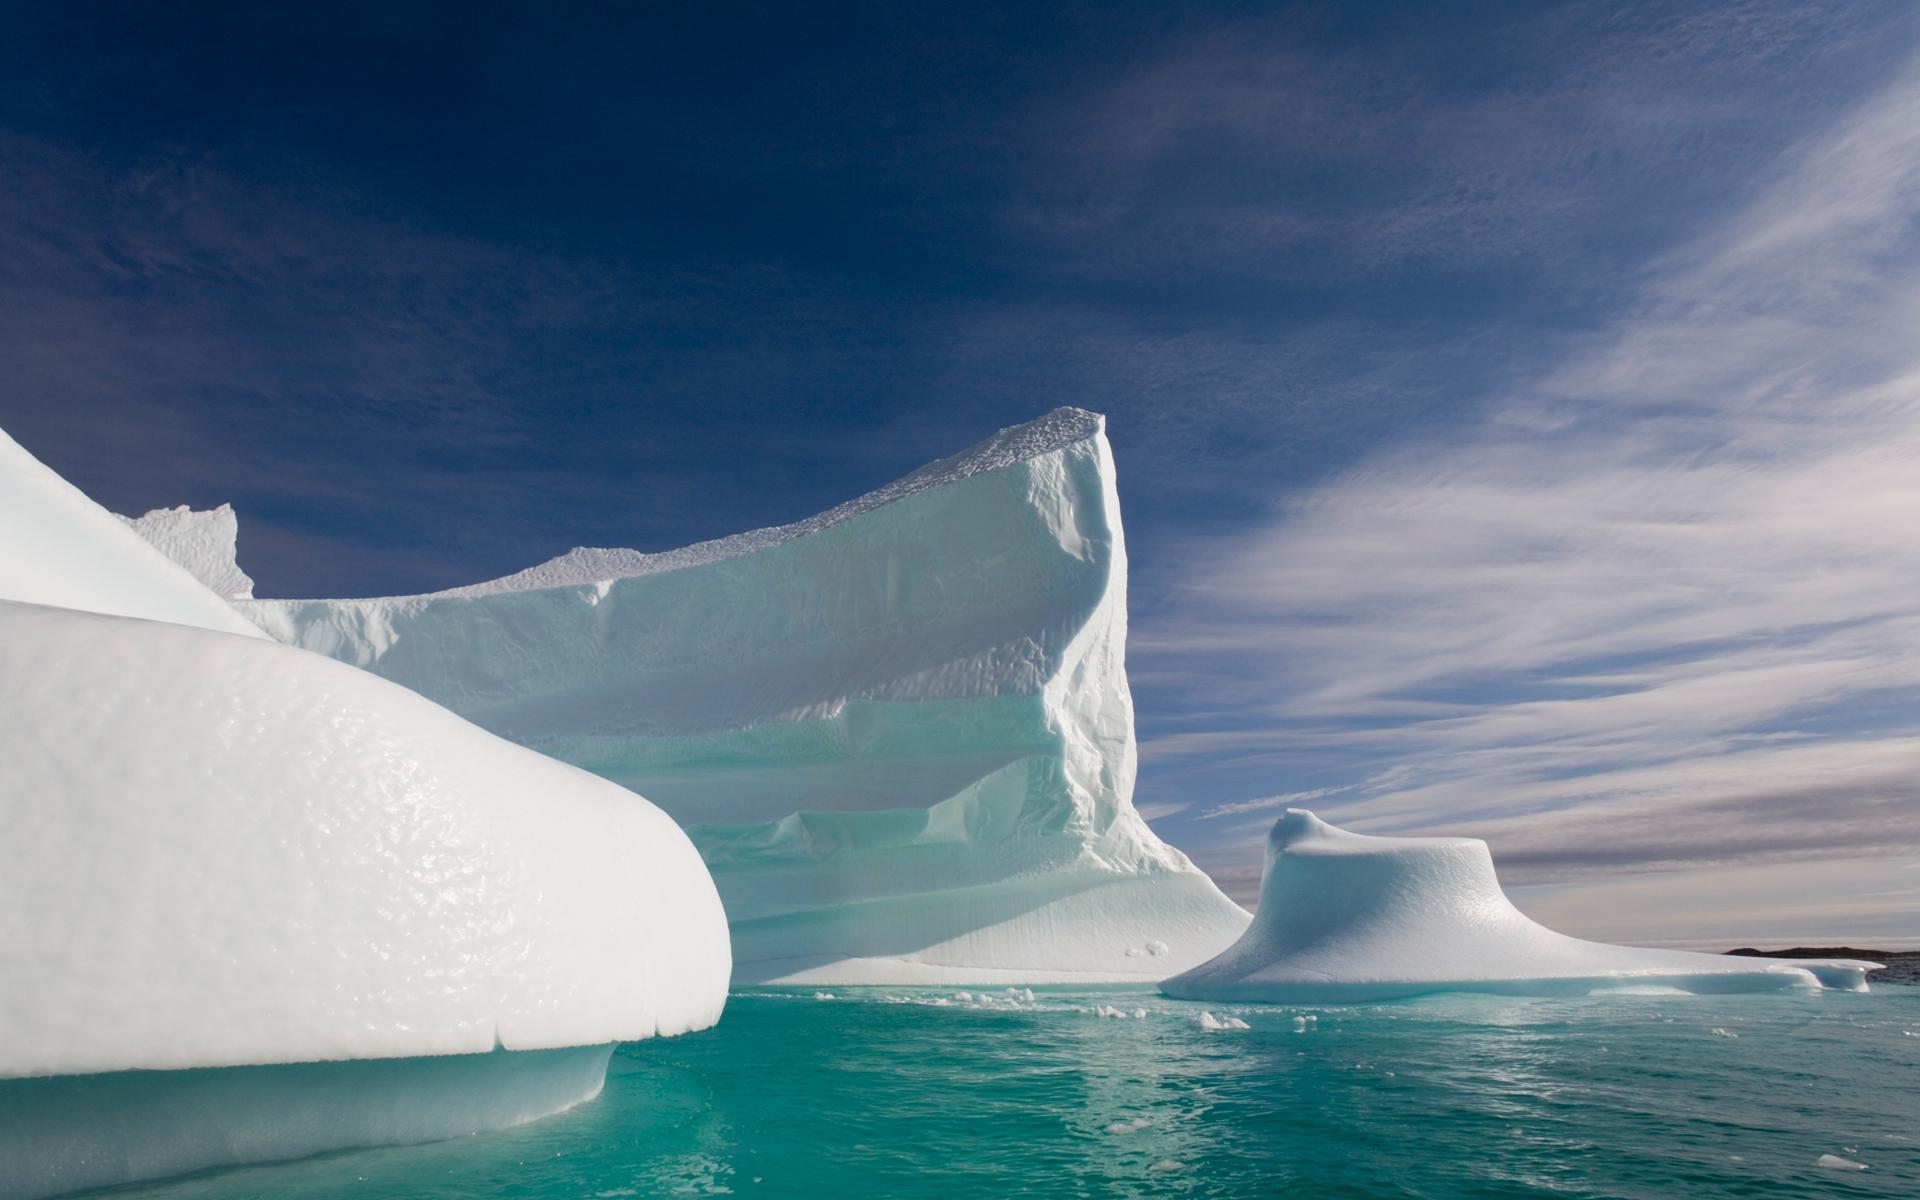 Hielo en la Antartida - 1920x1200